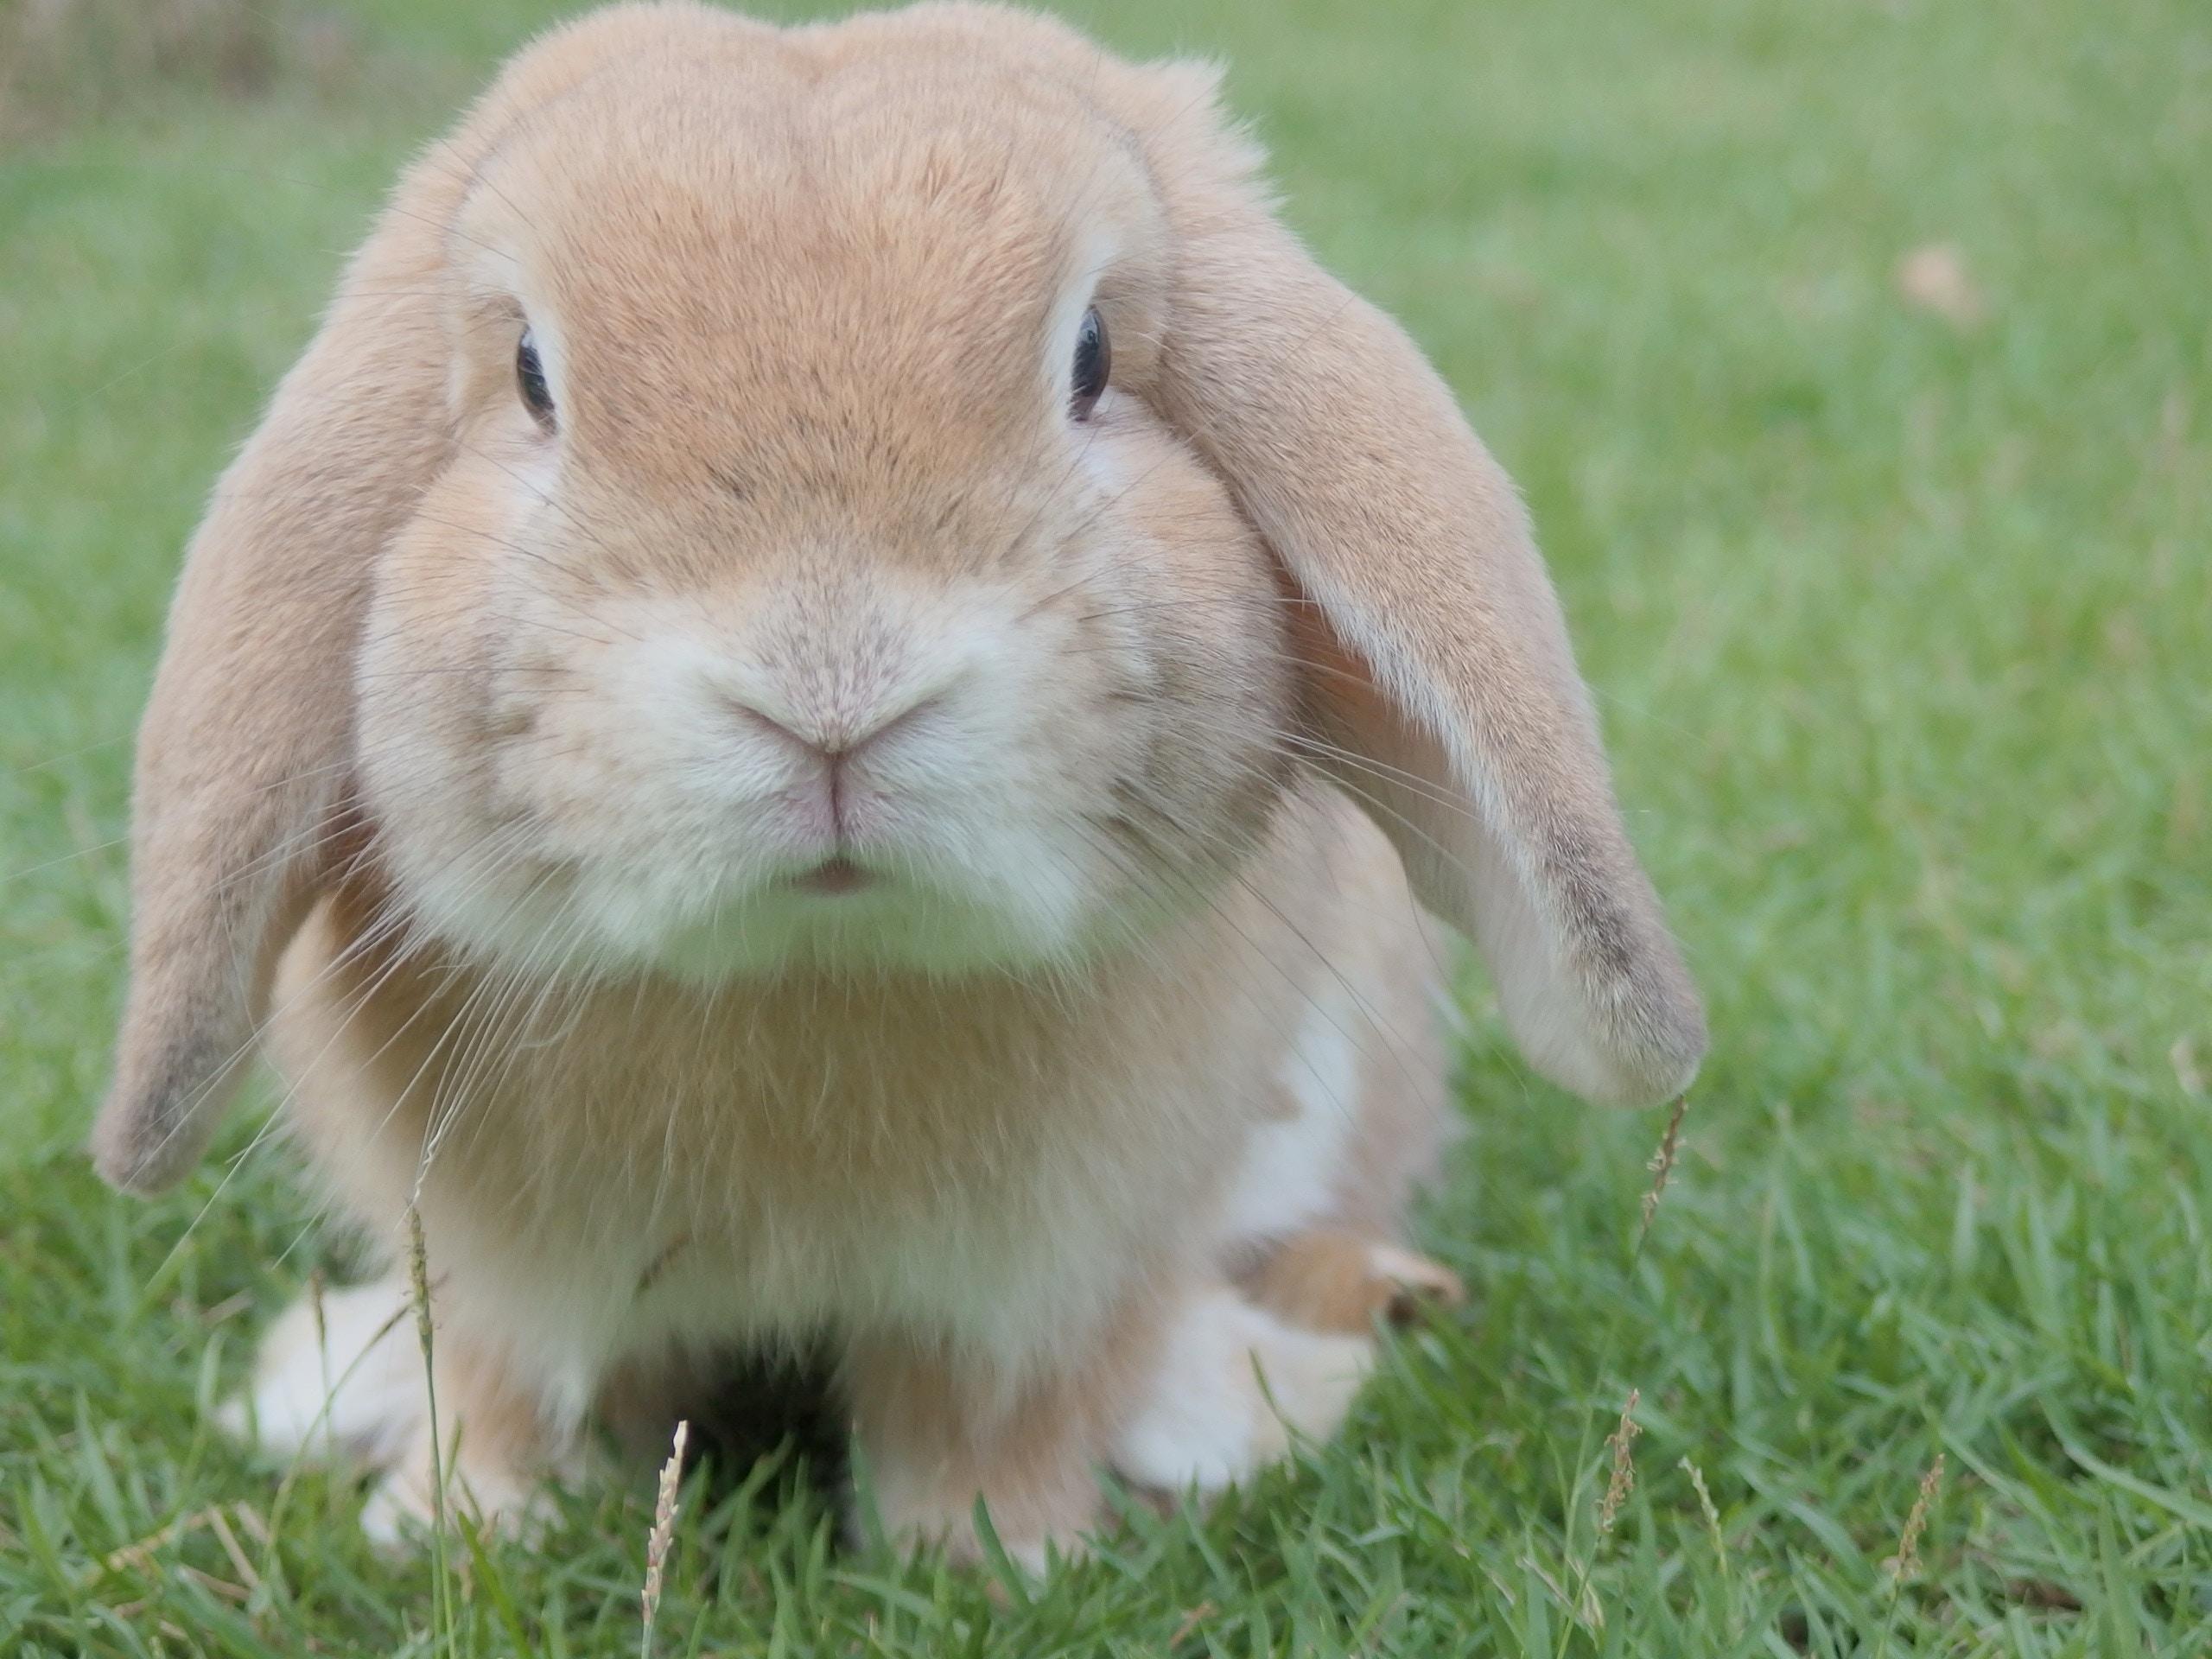 Em thỏ xinh xắn tai cụp đáng yêu